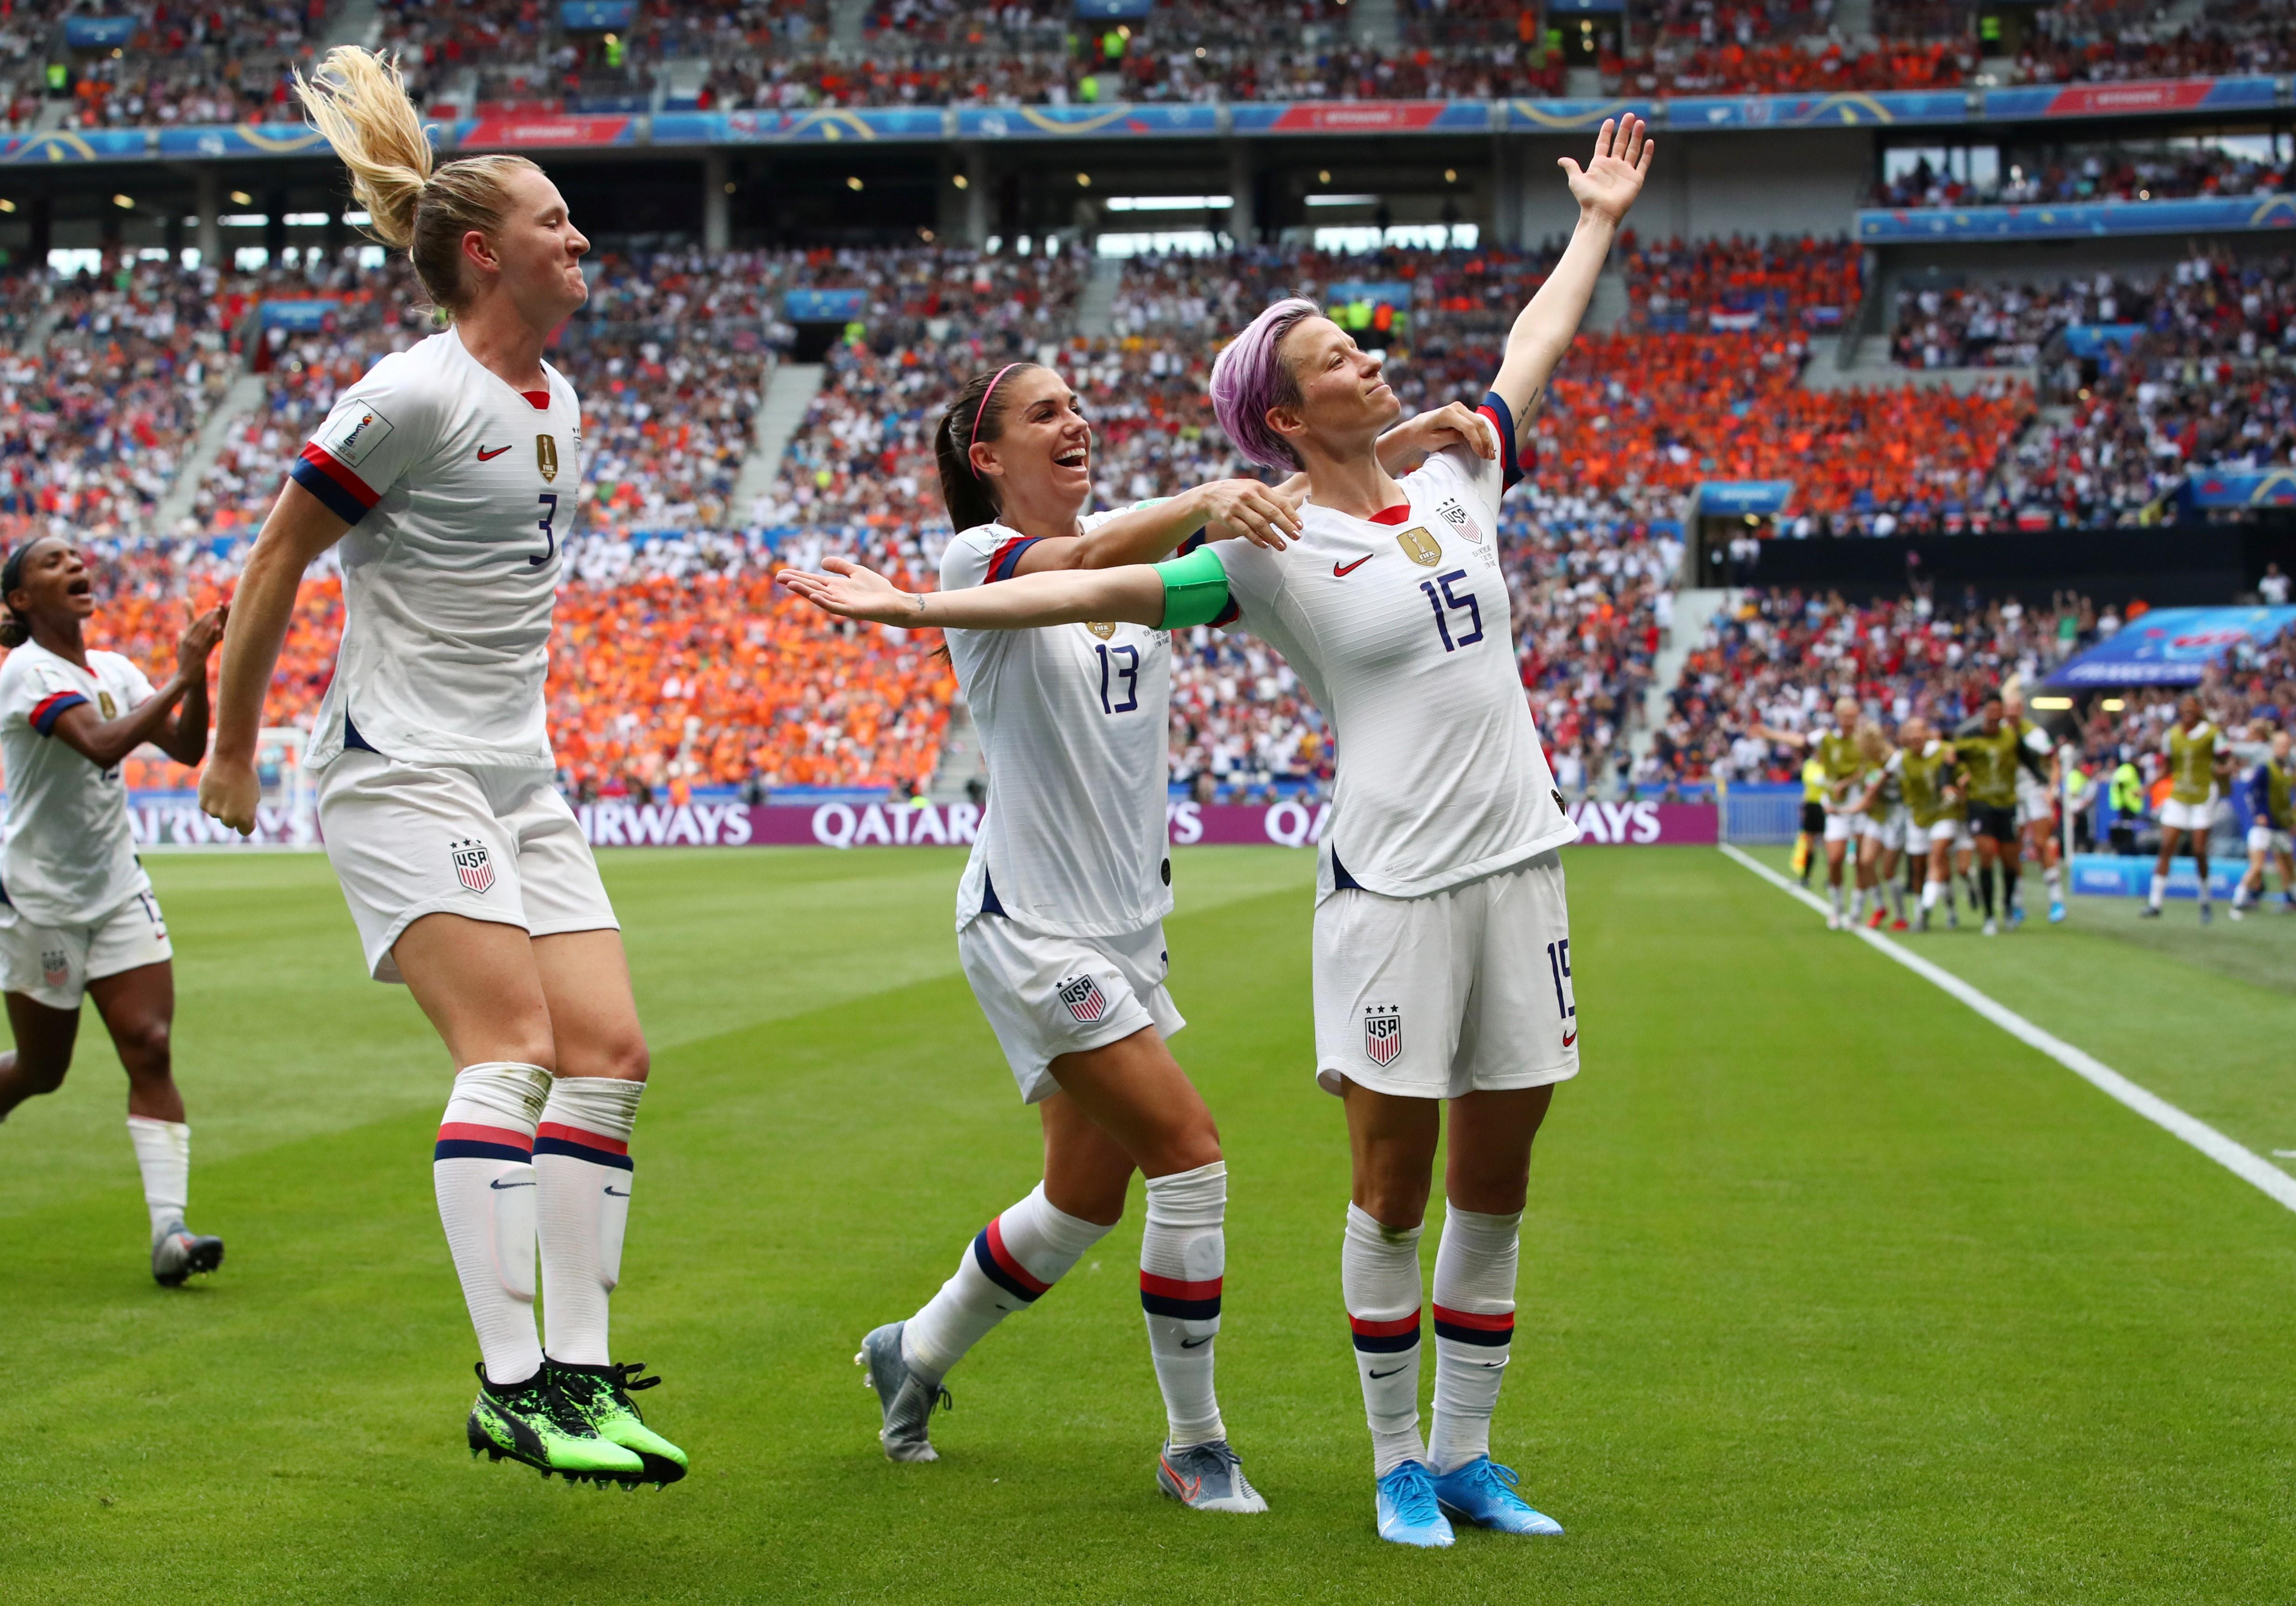 ABD Kadın Milil Futbol Takımı oyuncuları, Dünya Kupası finalinde attıkları golden sonra sevinç yaşıyorlar